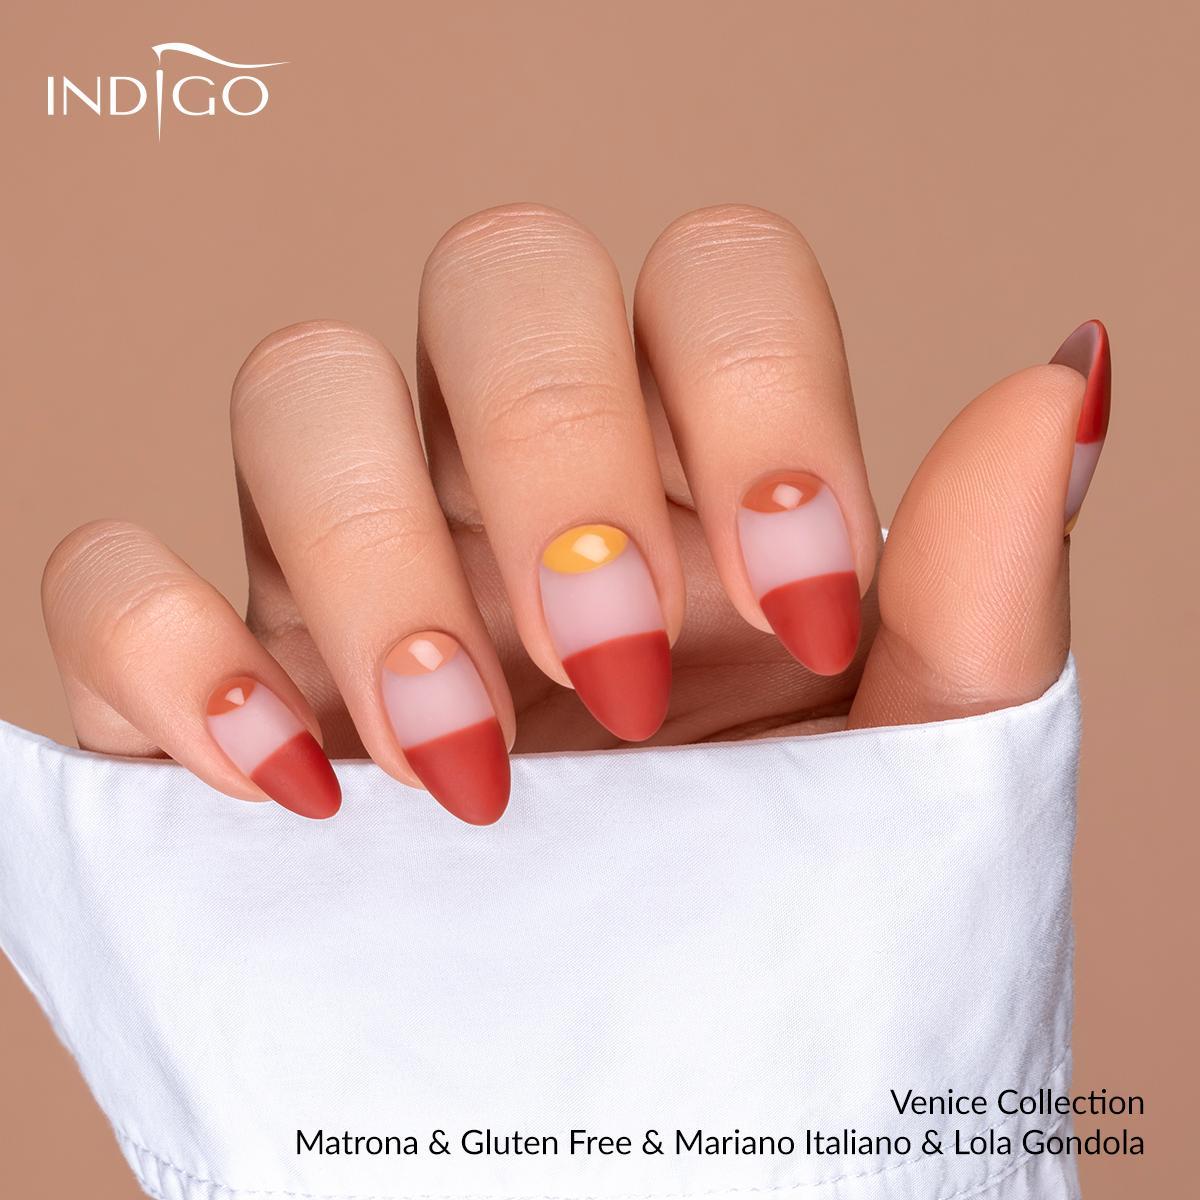 Matrona-&-Gluten-Free-&-Mariano-Italiano-&-Lola-Gondola